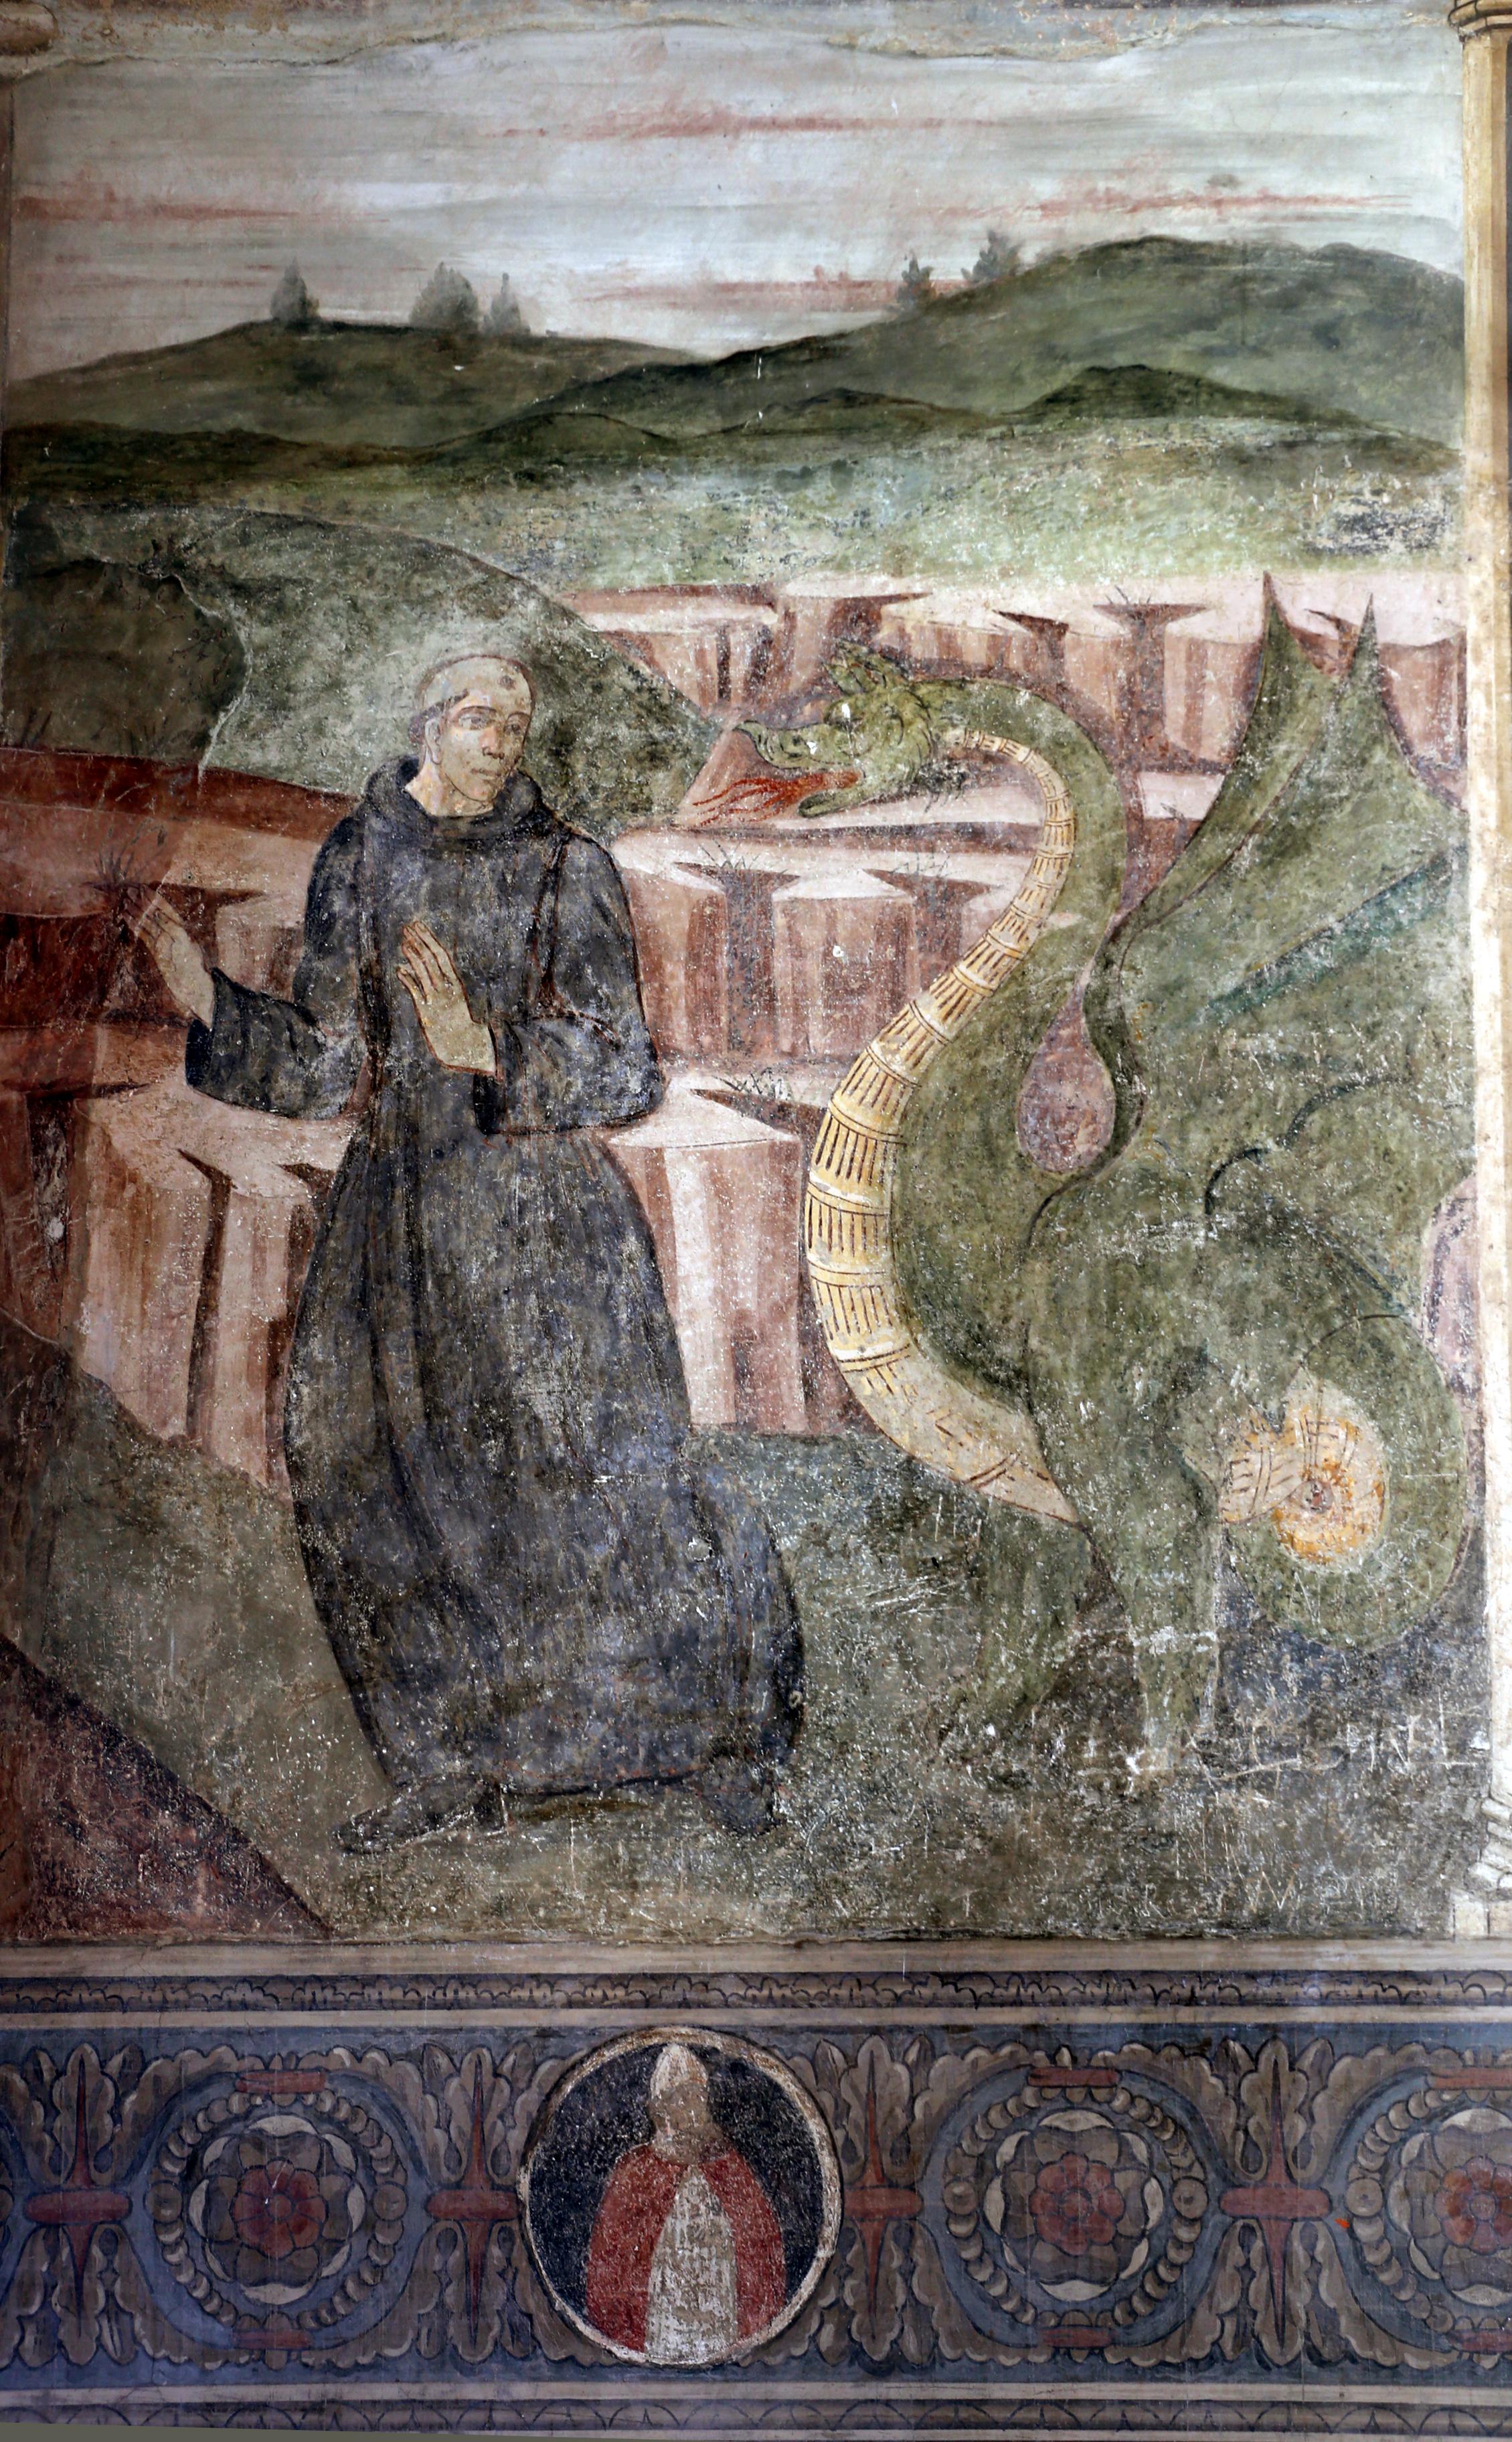 File:Filippo di antonio filippelli, storie di san benedetto, 1483, 29,